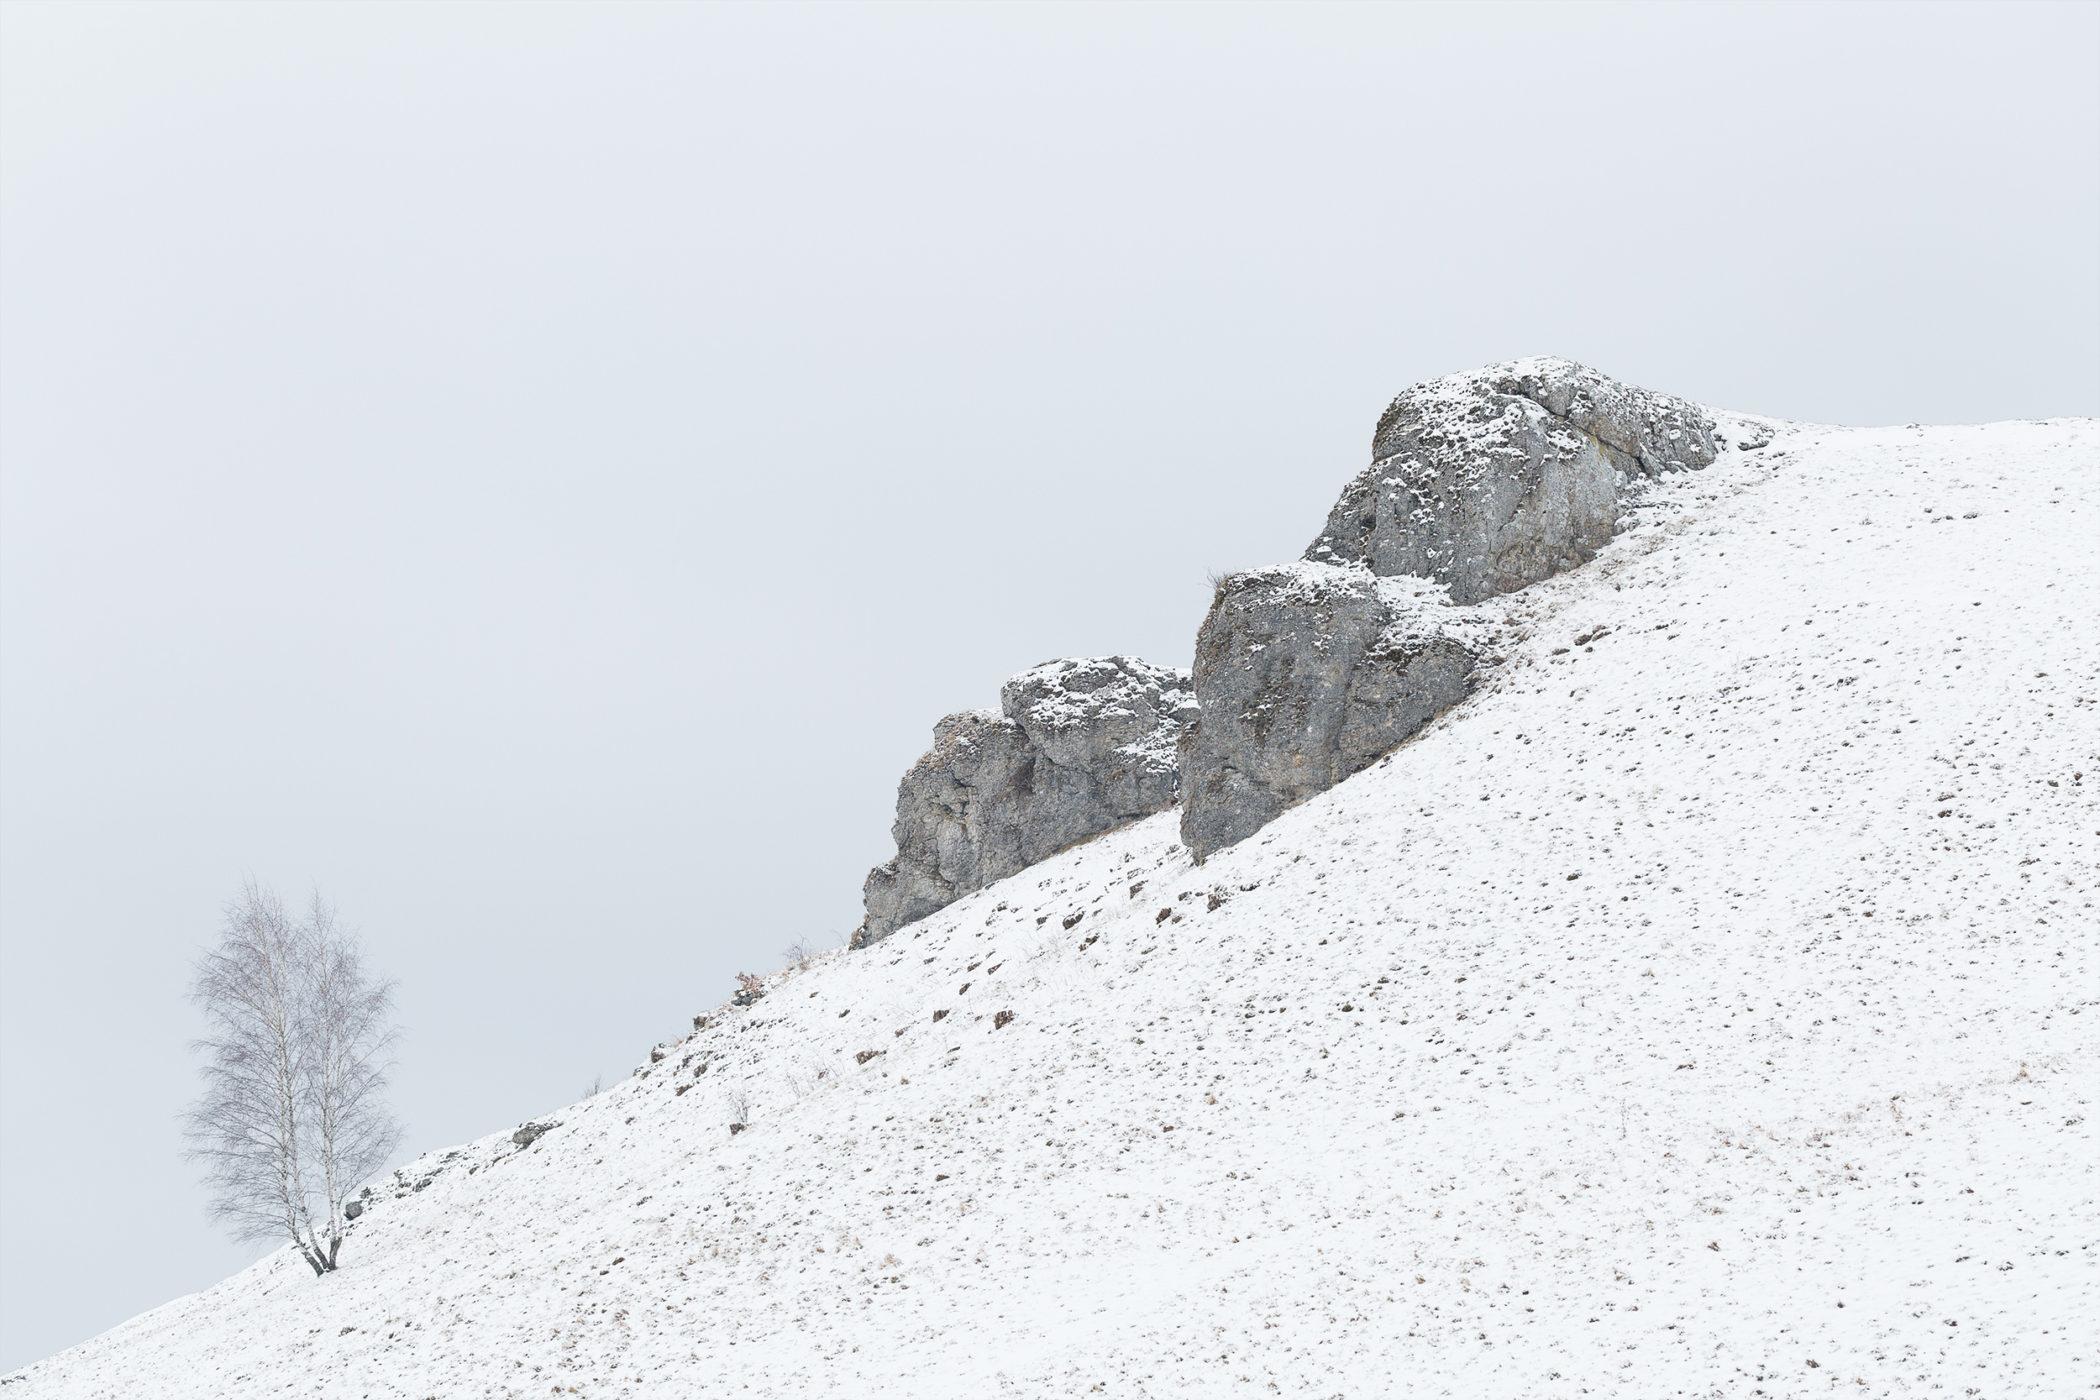 Blick auf den verschneiten Aussichtspunkt Kalkfelsen nahe Undingen auf der Schwäbischen Alb.